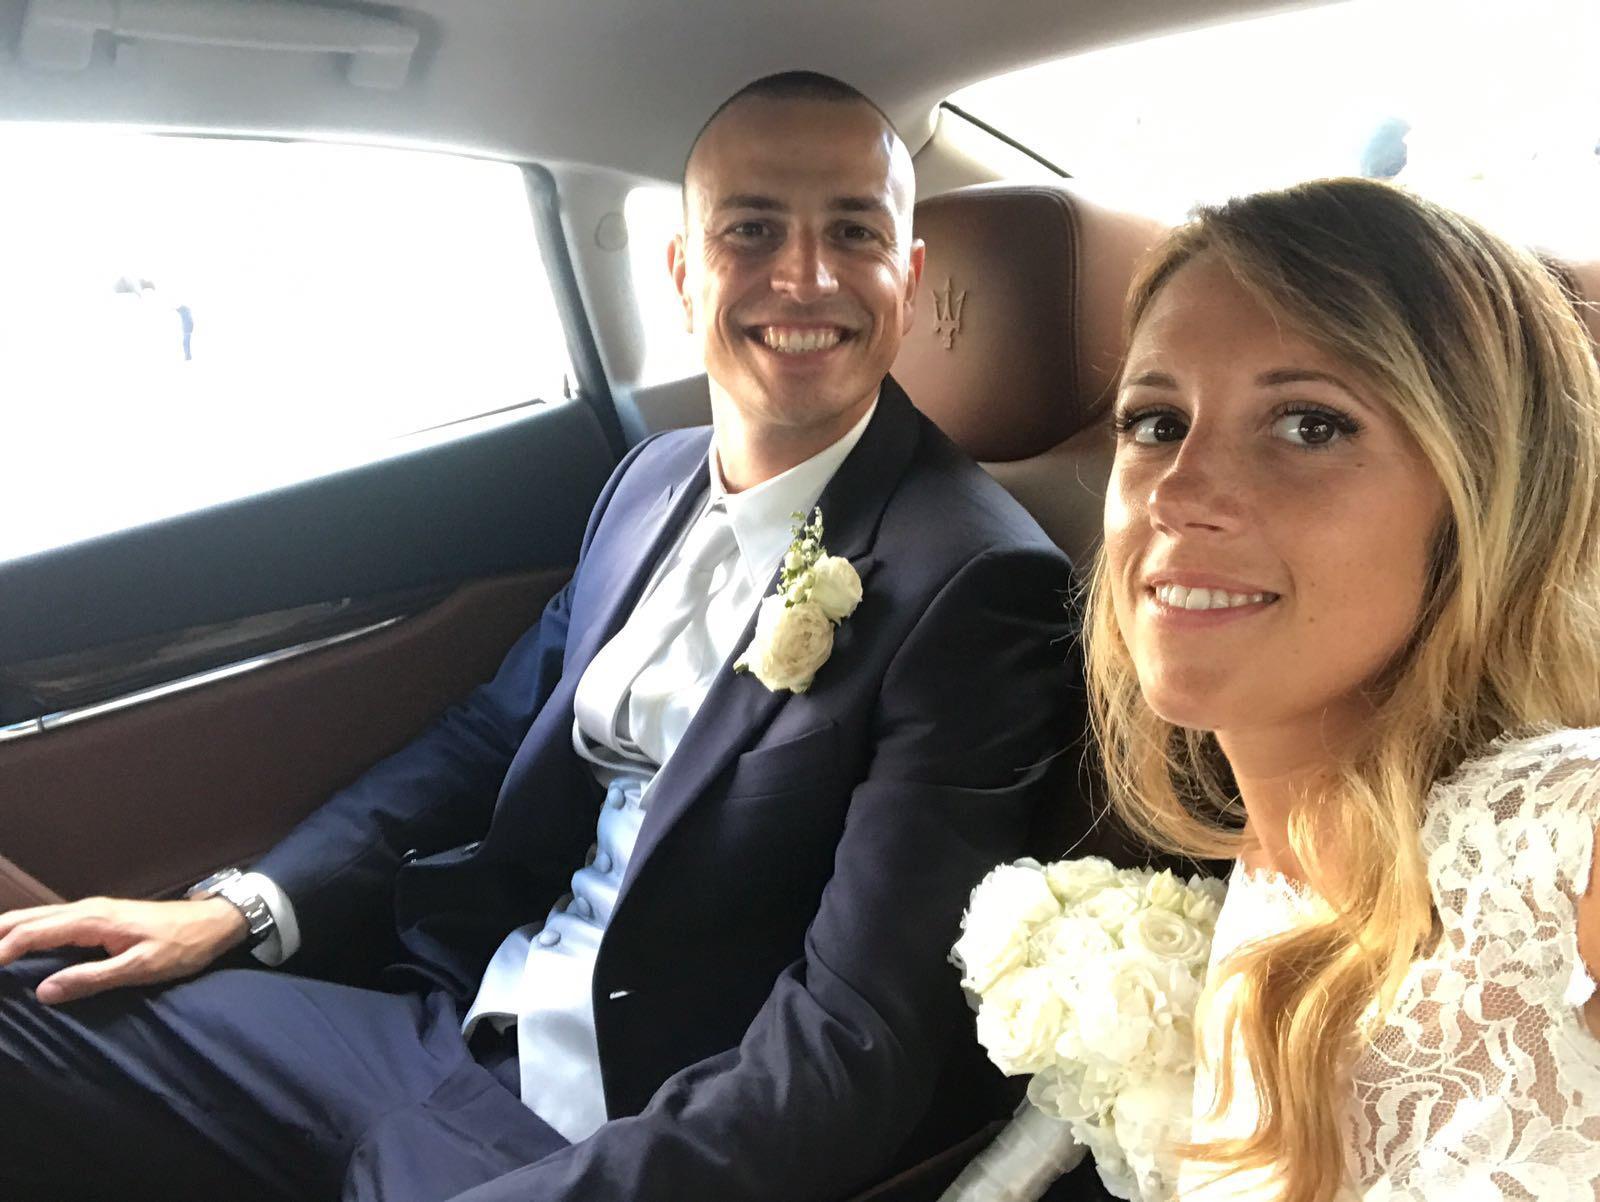 Calciatori a nozze, Antonelli dice sì sulla spiaggia di Forte dei Marmi